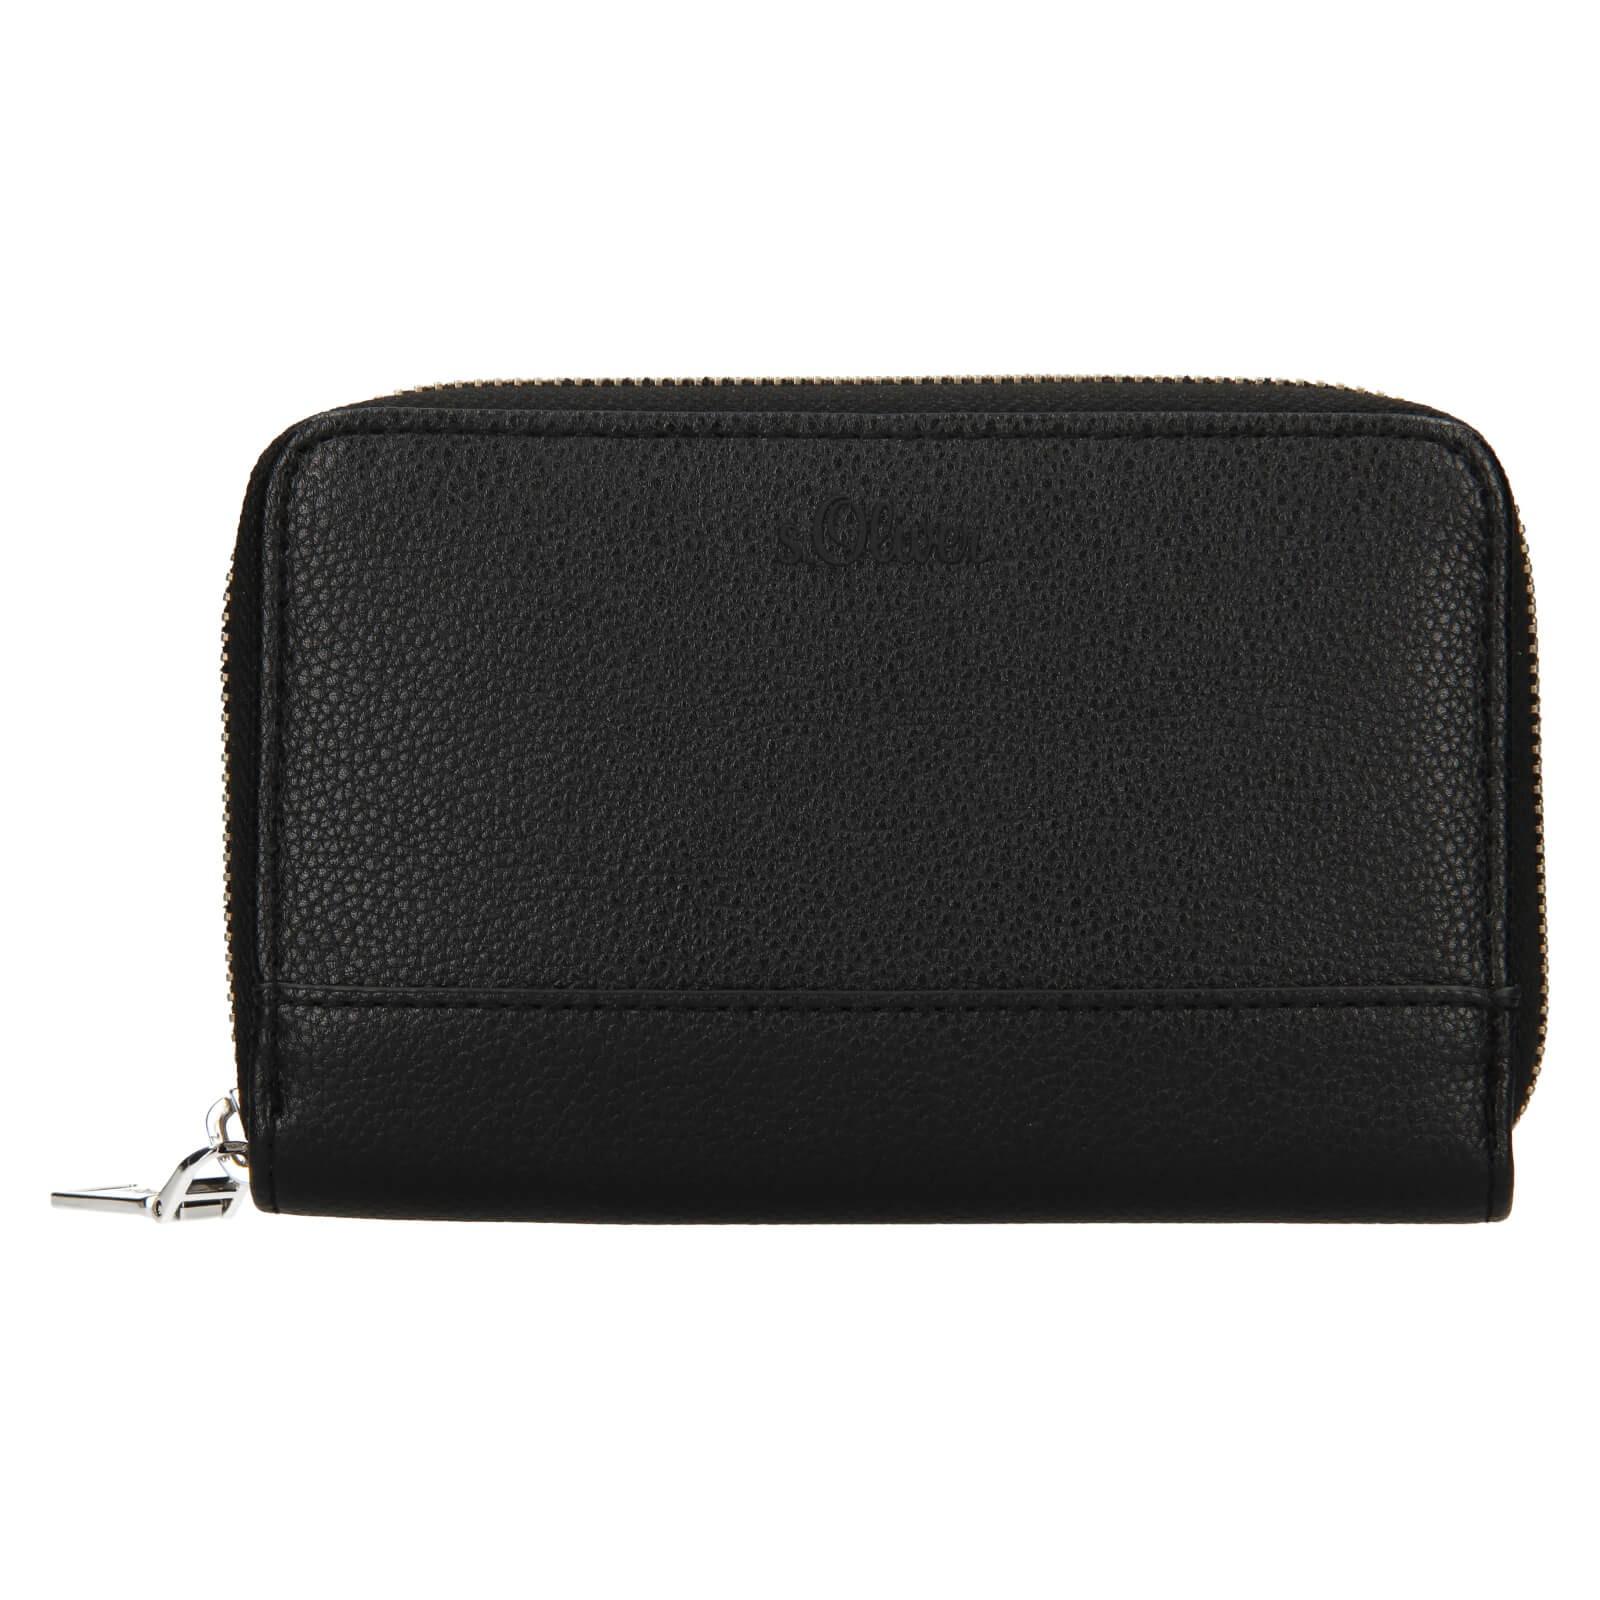 Dámska peňaženka S.Oliver Valeria - čierna